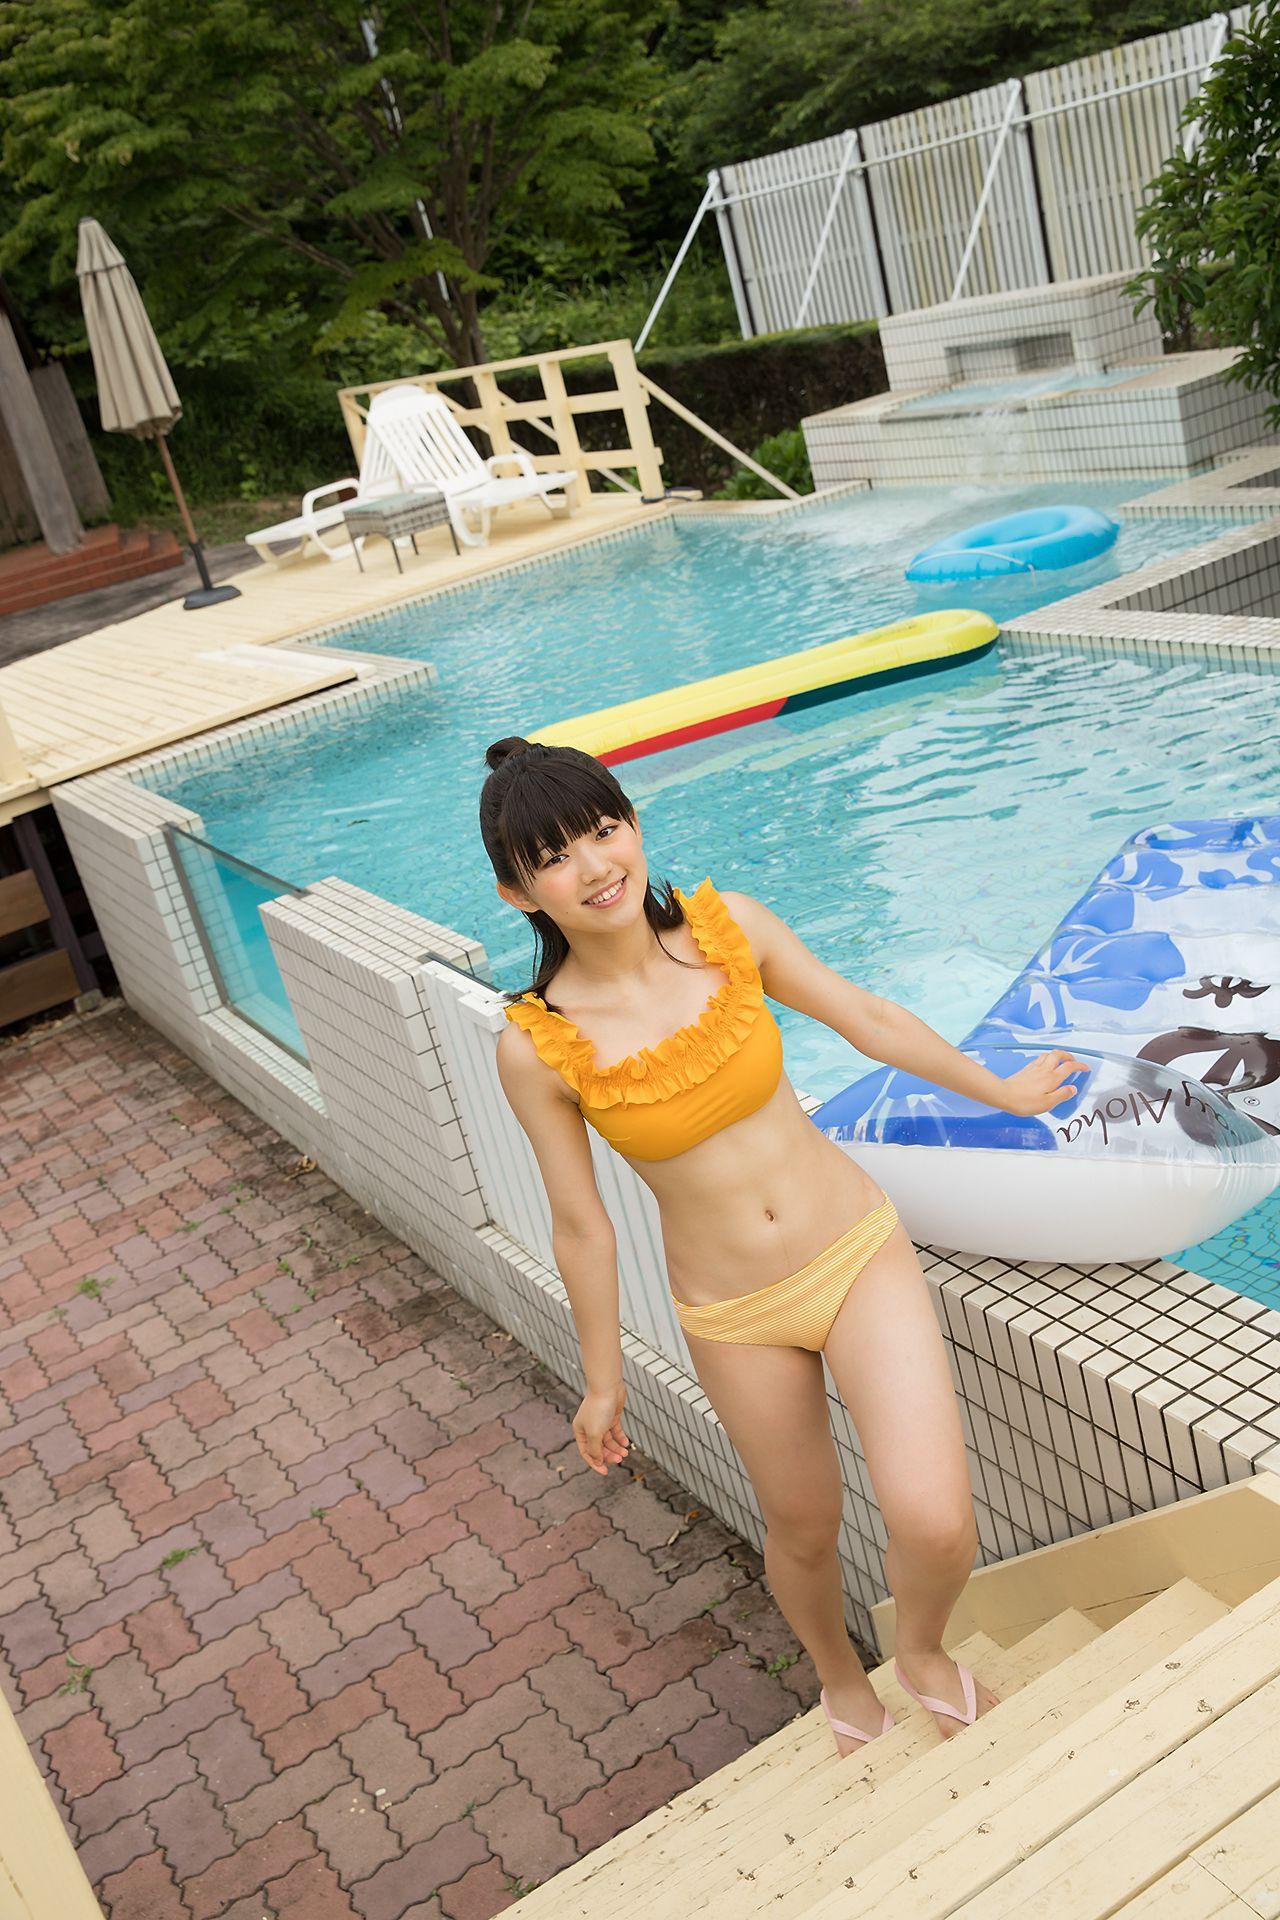 Risa Sawamura2023